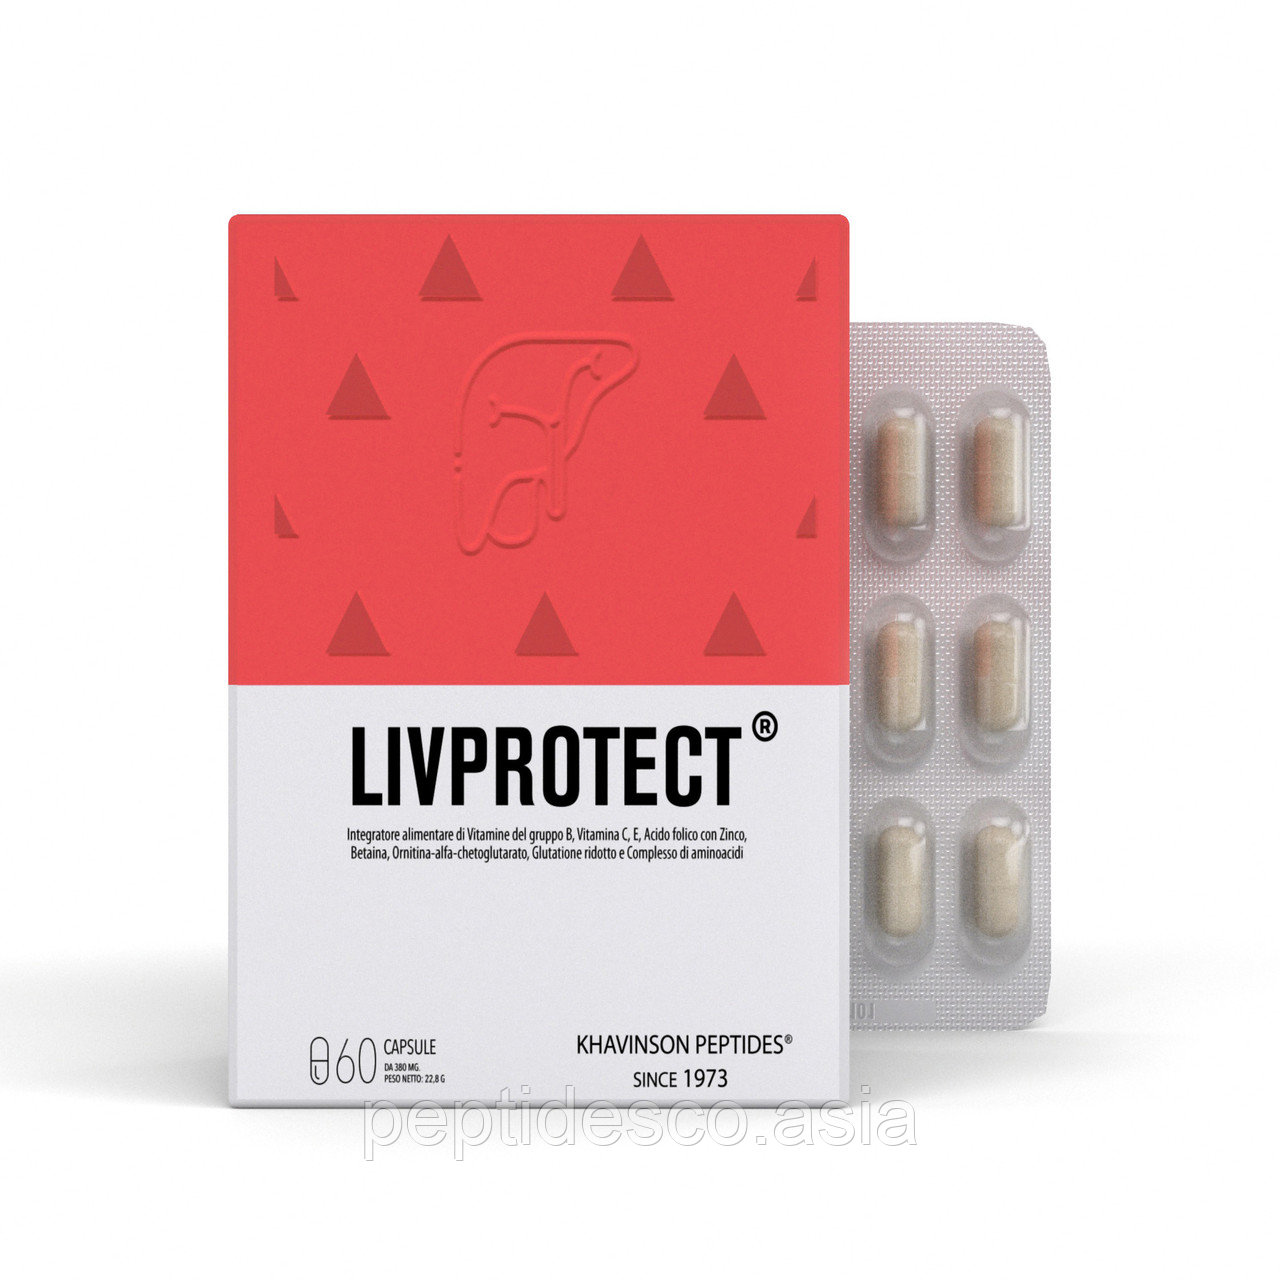 LIVPROTECT® ливпротект  - пептидный комплекс для печени и ЖКТ. Khavinson Peptides